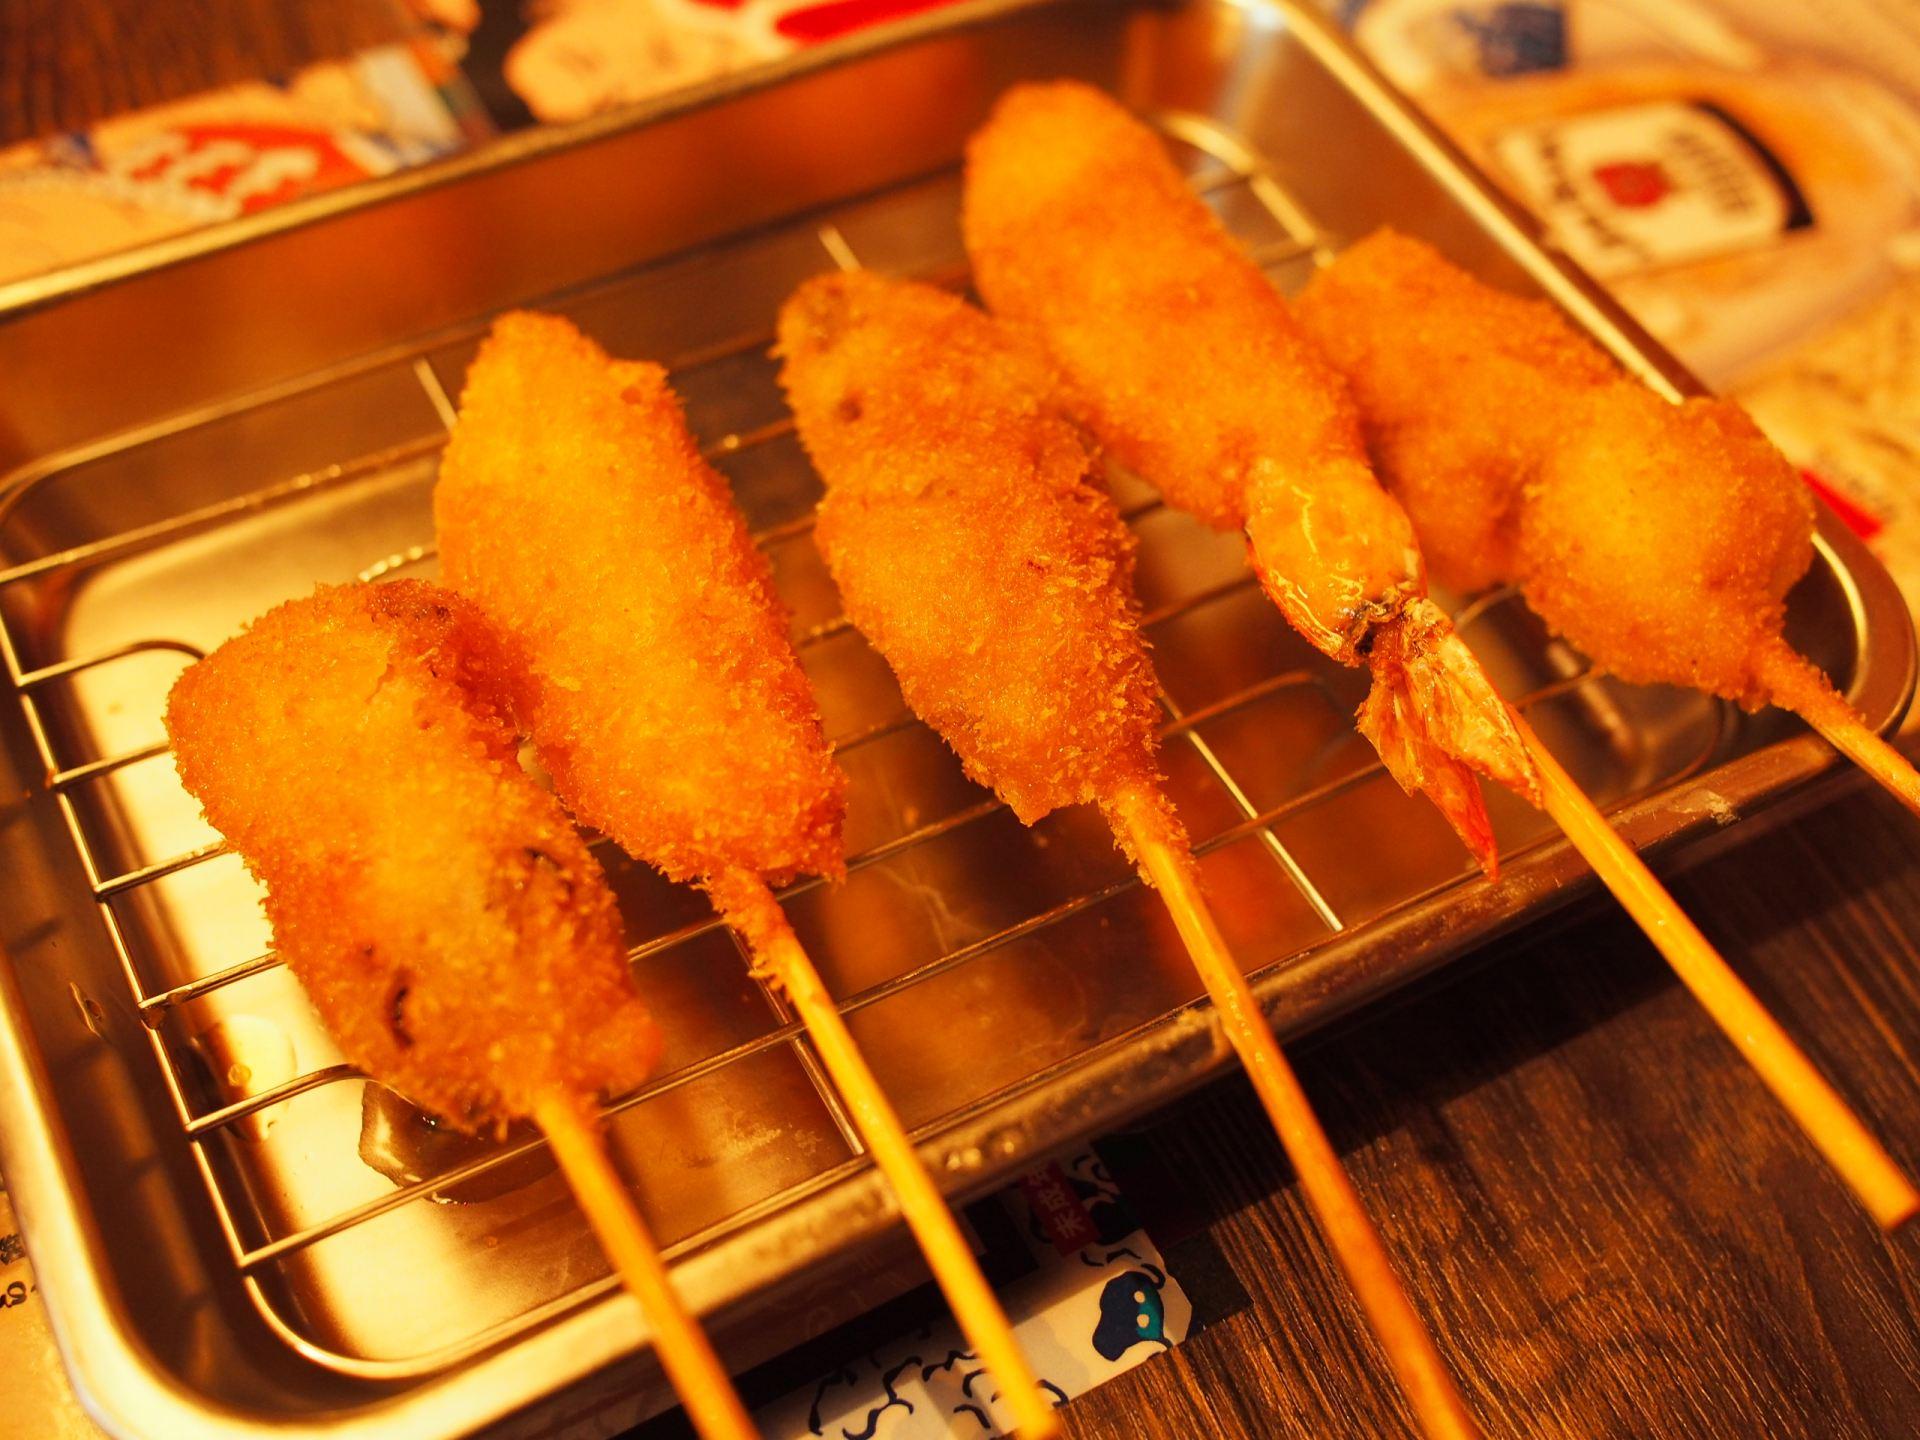 把肉和蔬菜等食材串在竹籤上,裹上麵衣後再用油炸的串炸豬排